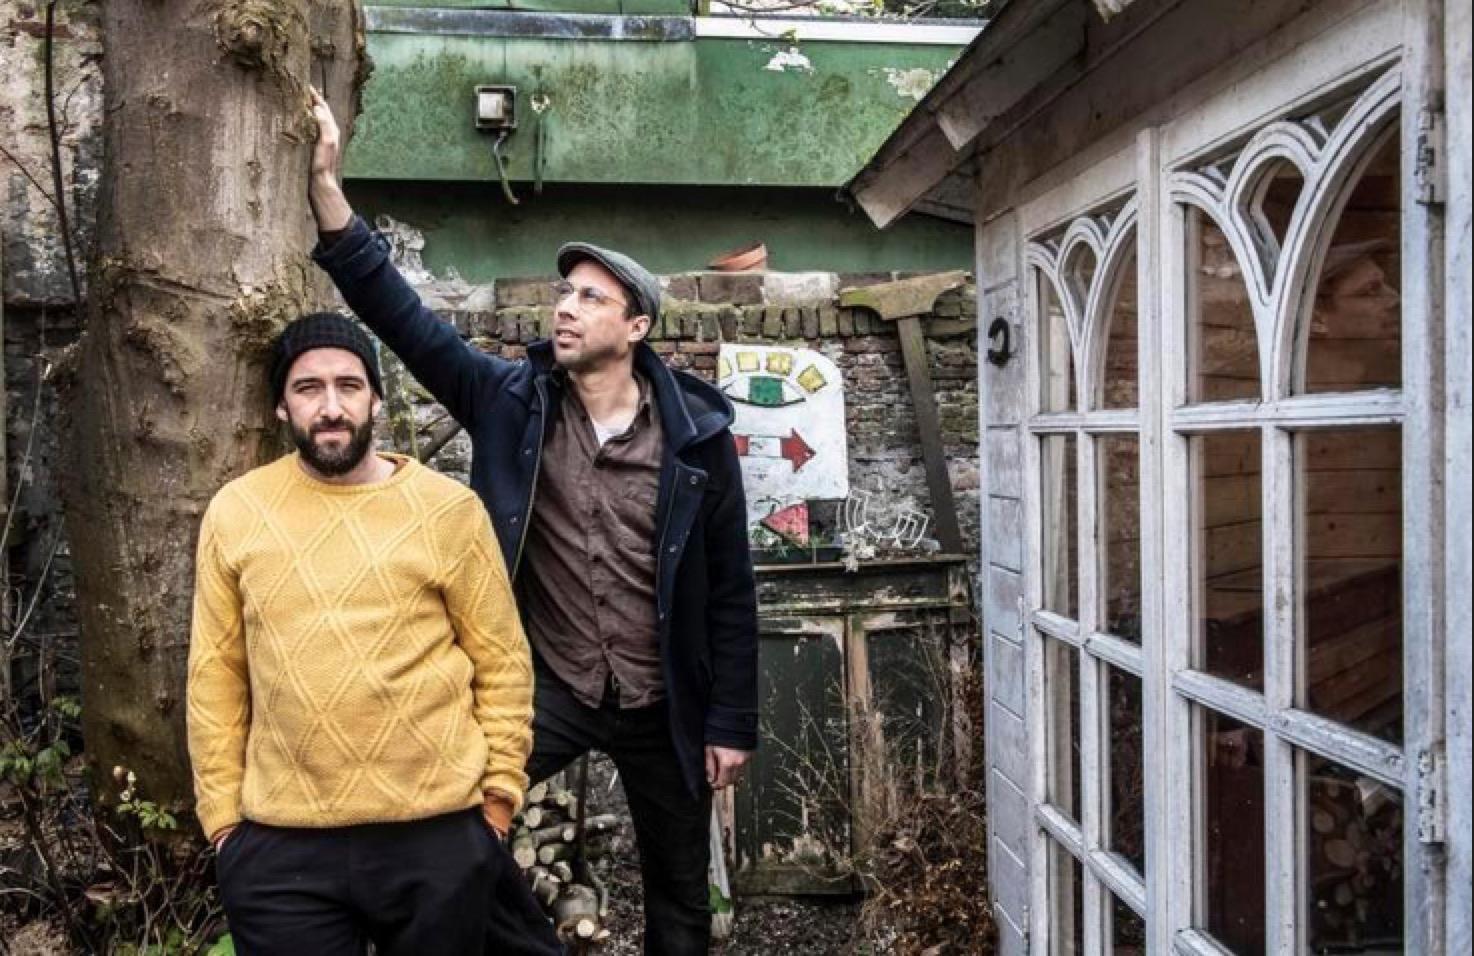 Lichtheid van muziek gevangen in download en kunstwerkje; debuut-EP van Haarlems duo Roser/Asselbergs [video]